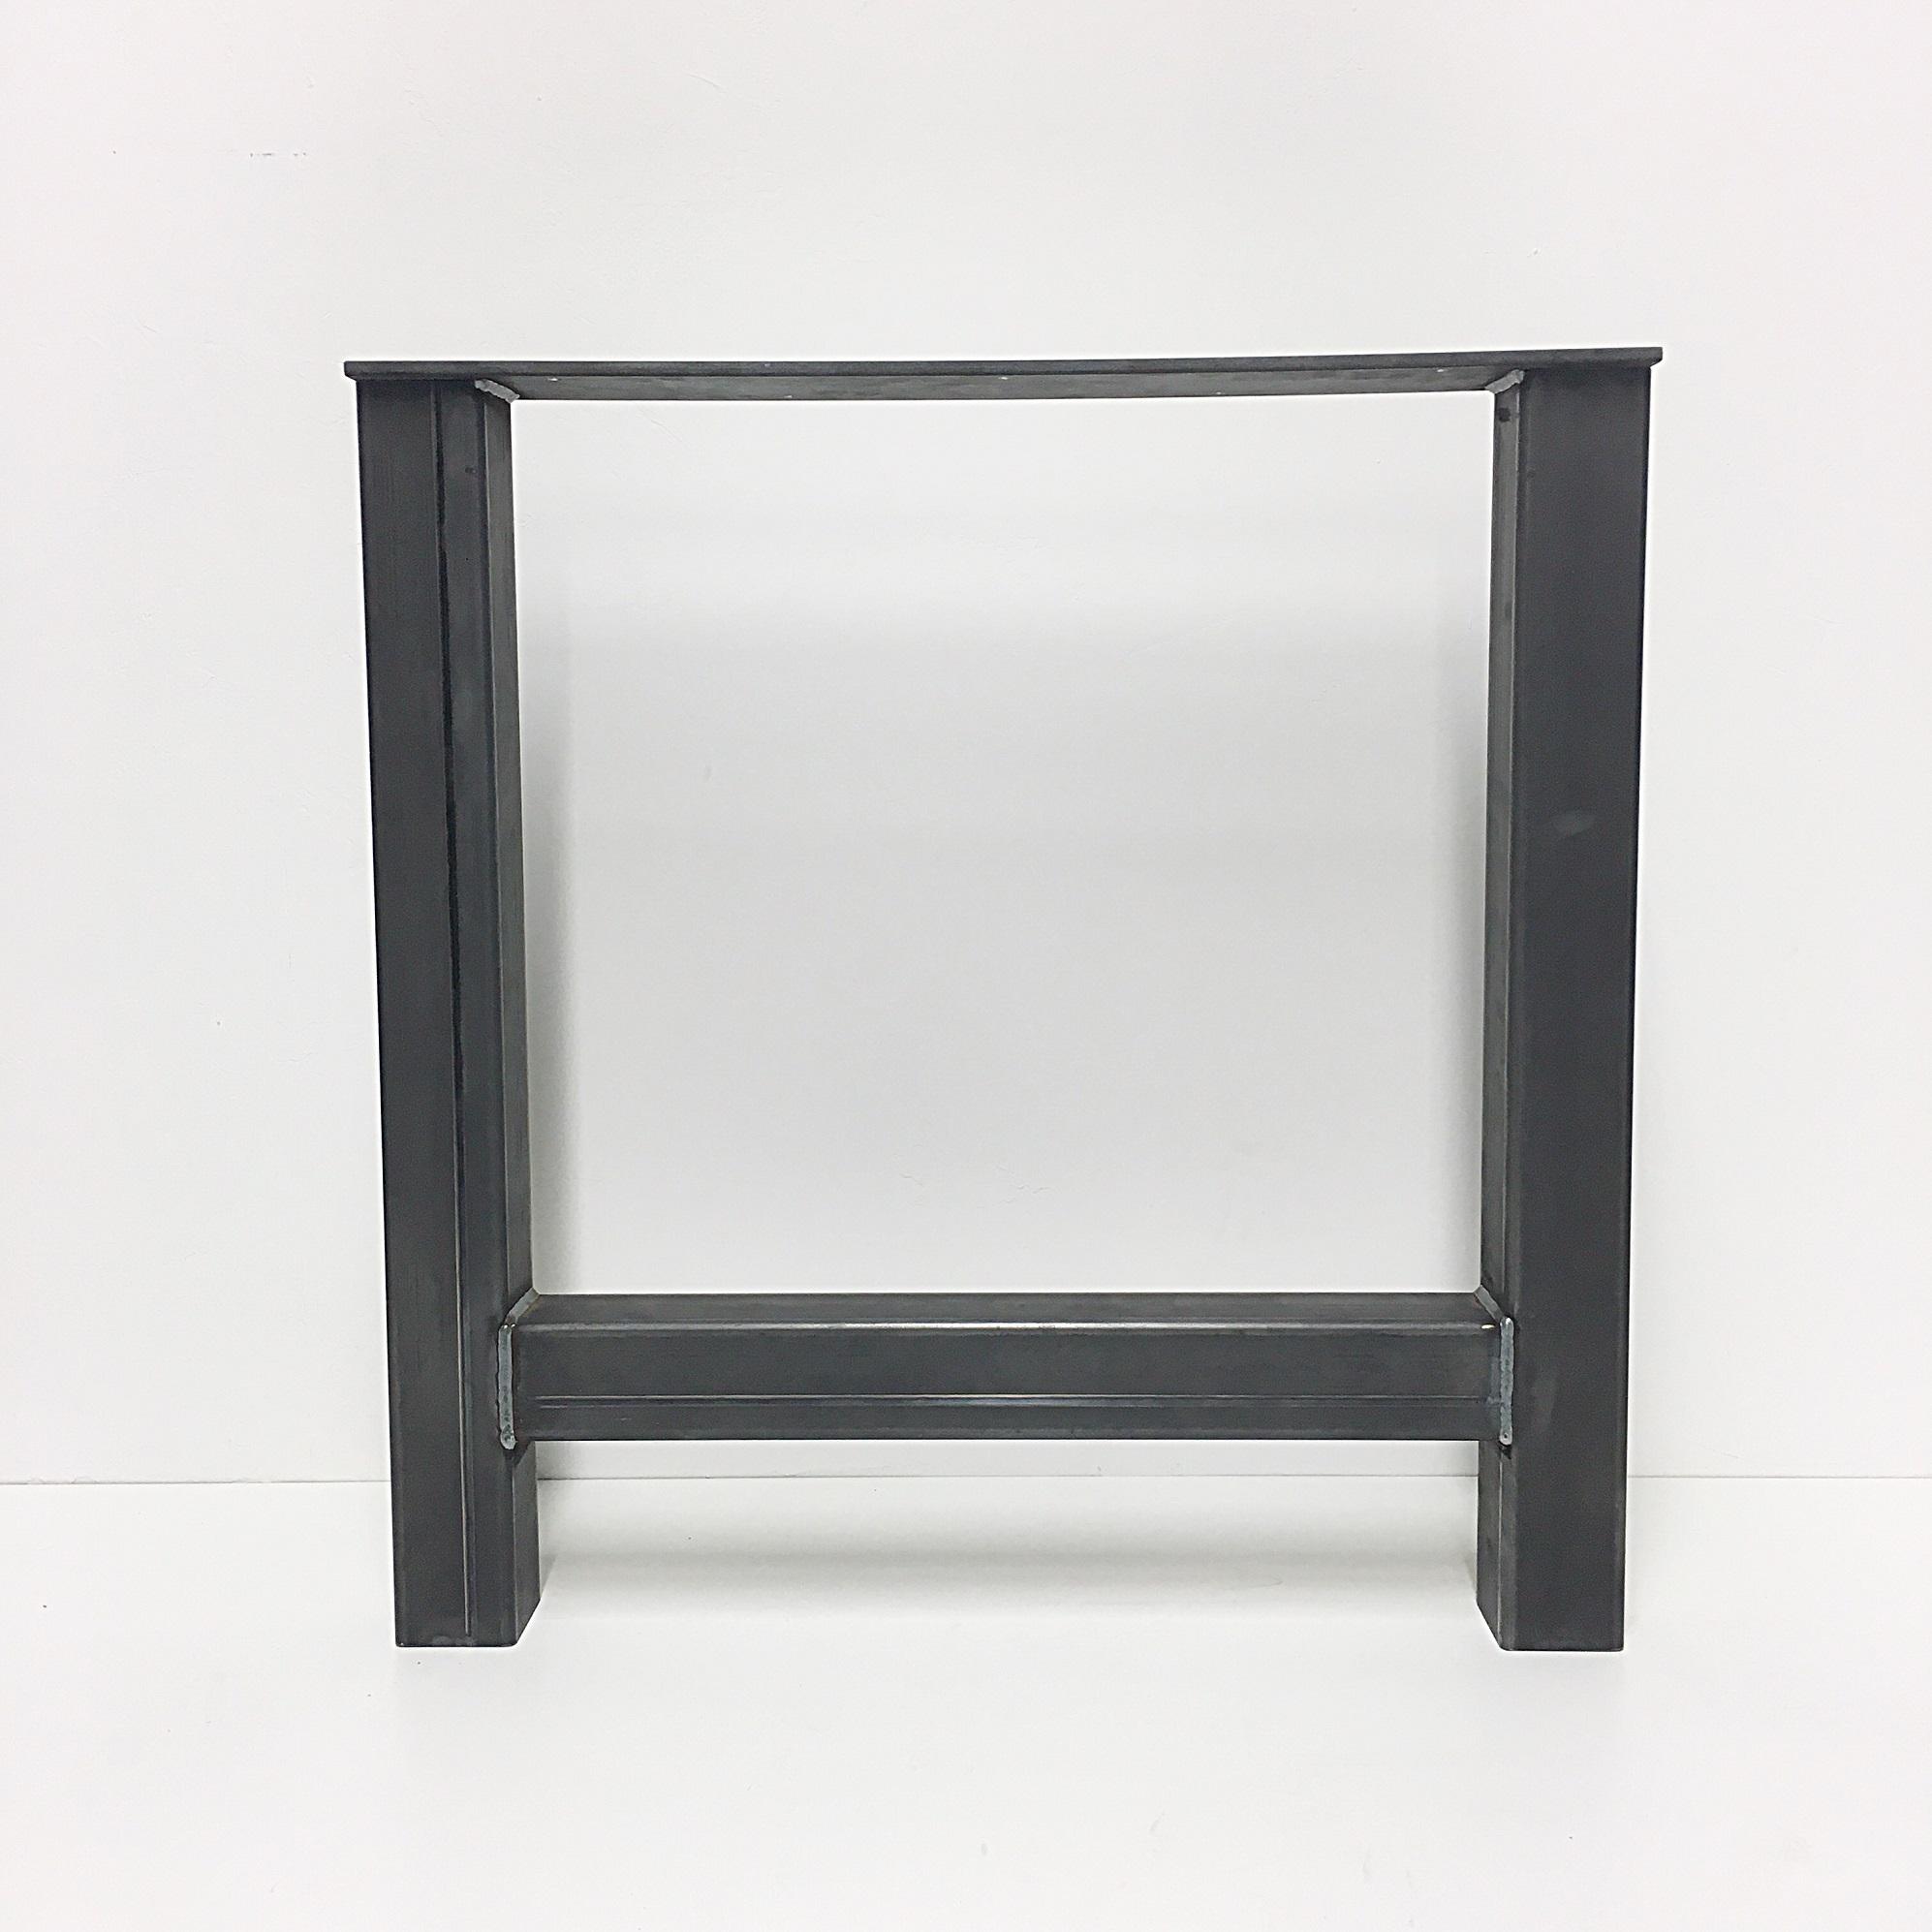 Industriele Tafel Met Stalen Onderstel.Stalen Poten H Vorm Voor Eettafels Industrieel De Houttwist